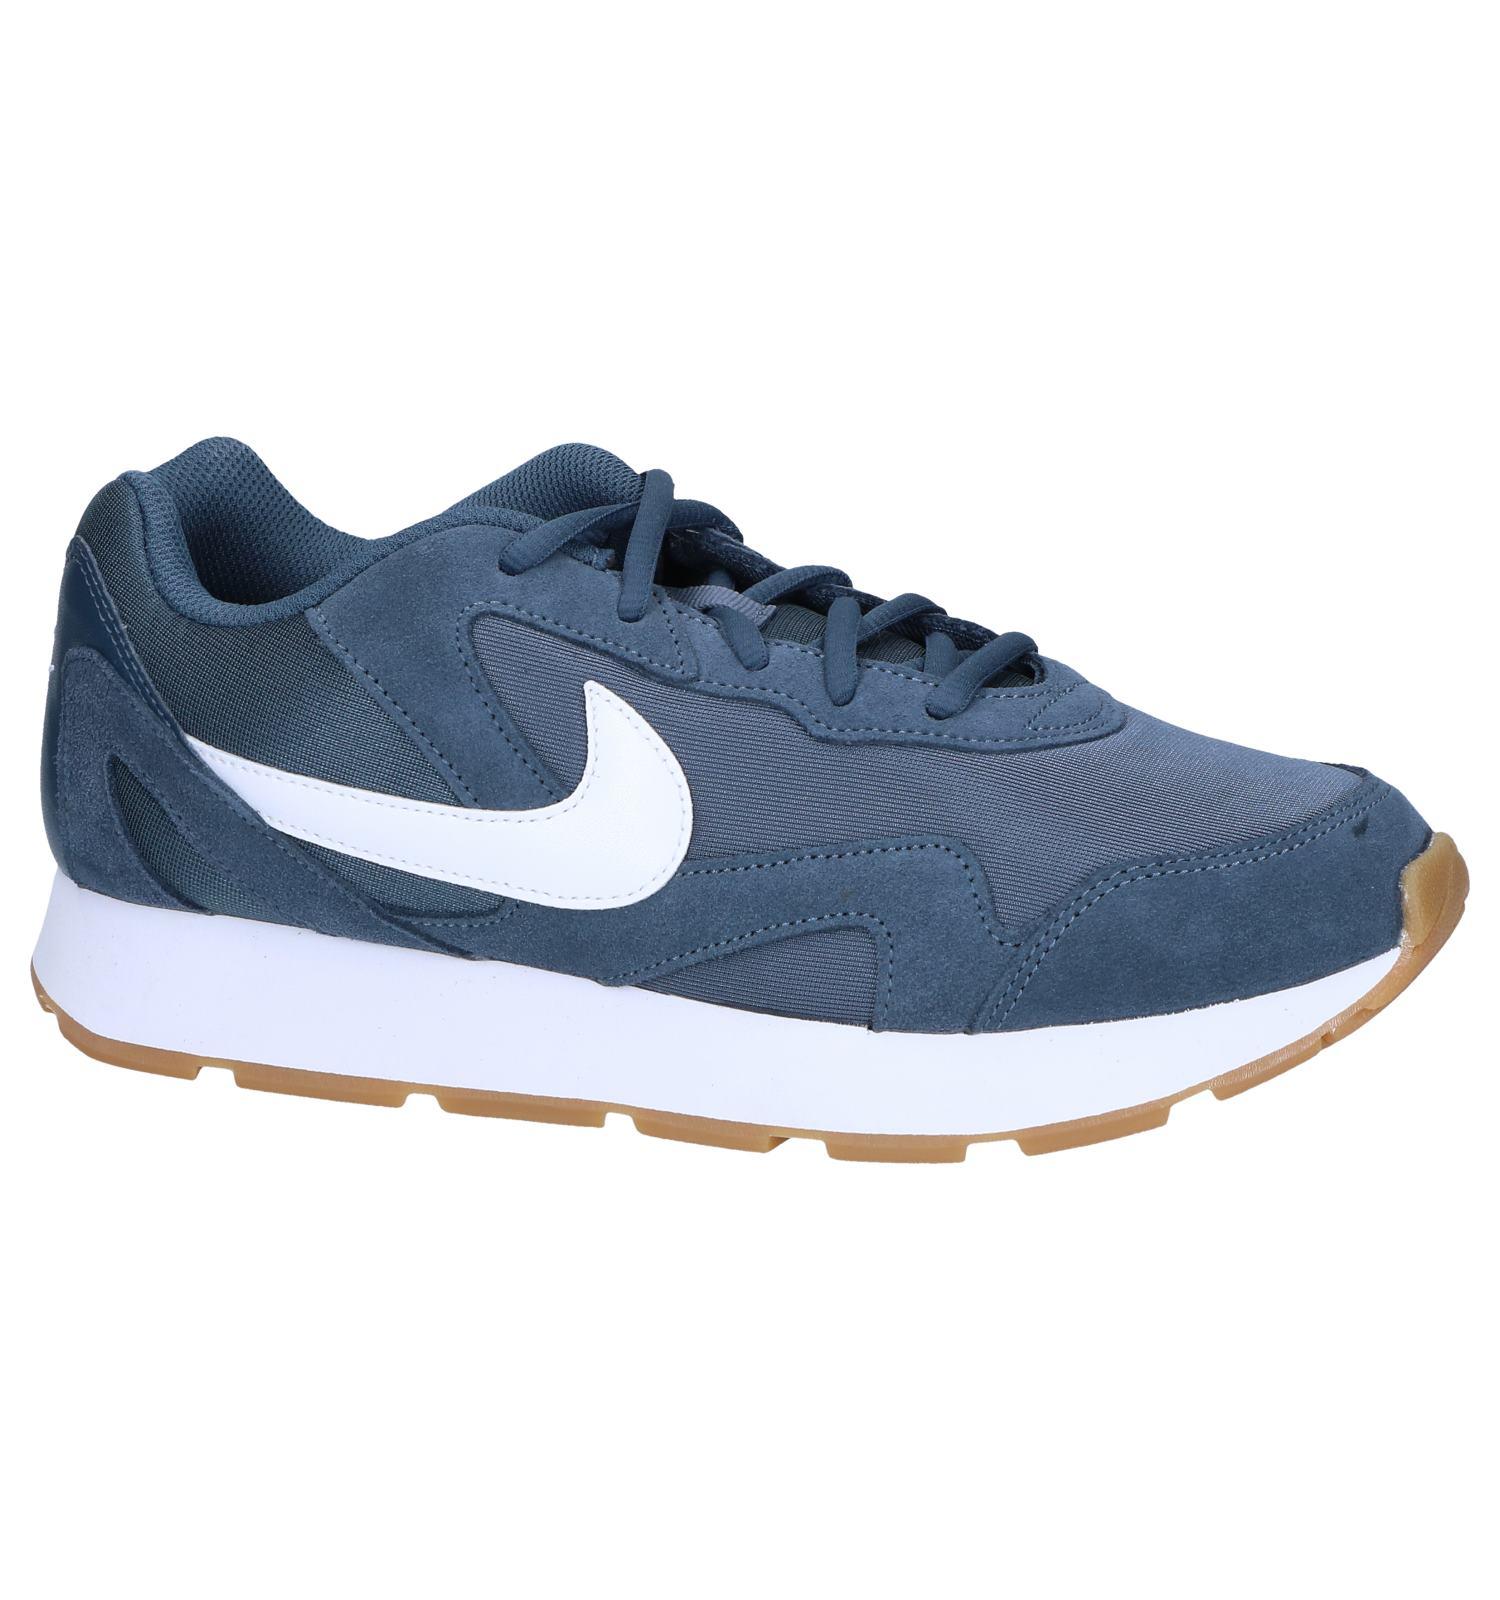 Donkerblauwe Sneakers Nike Delfine | SCHOENENTORFS.NL | Gratis verzend en  retour